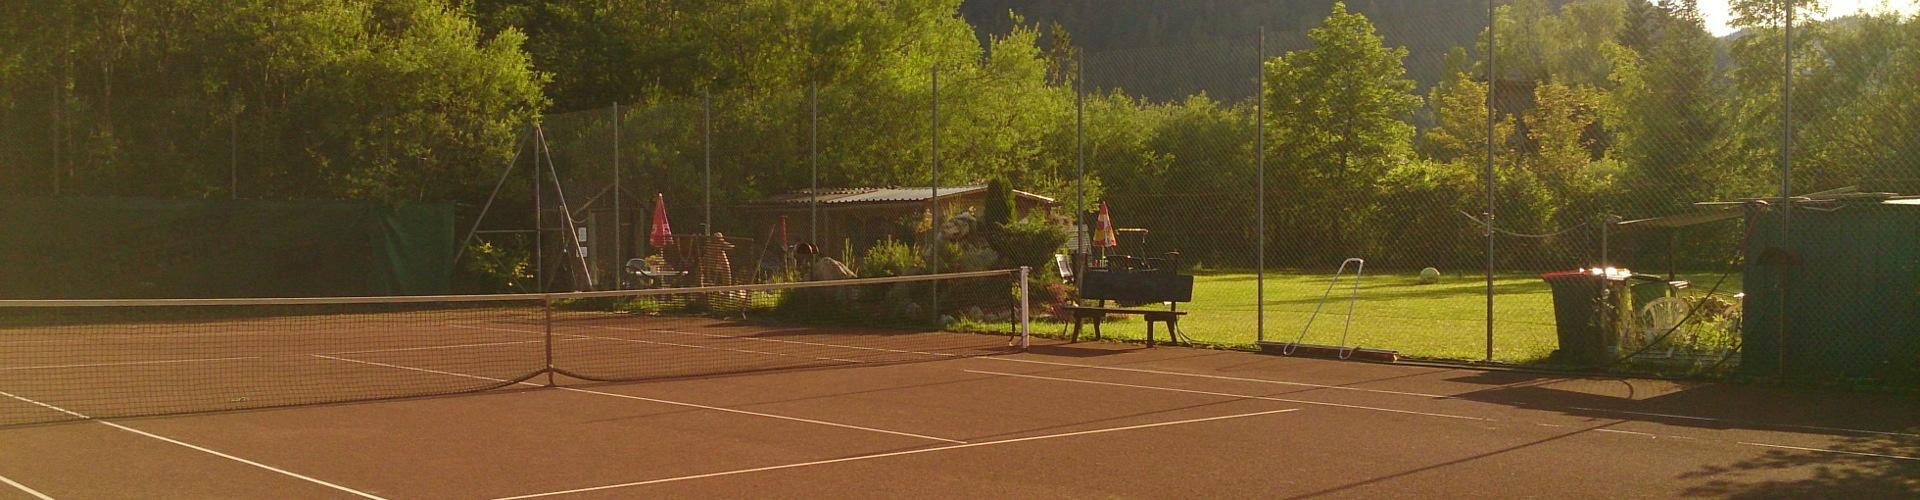 Tennisplatz am Erlaufsee